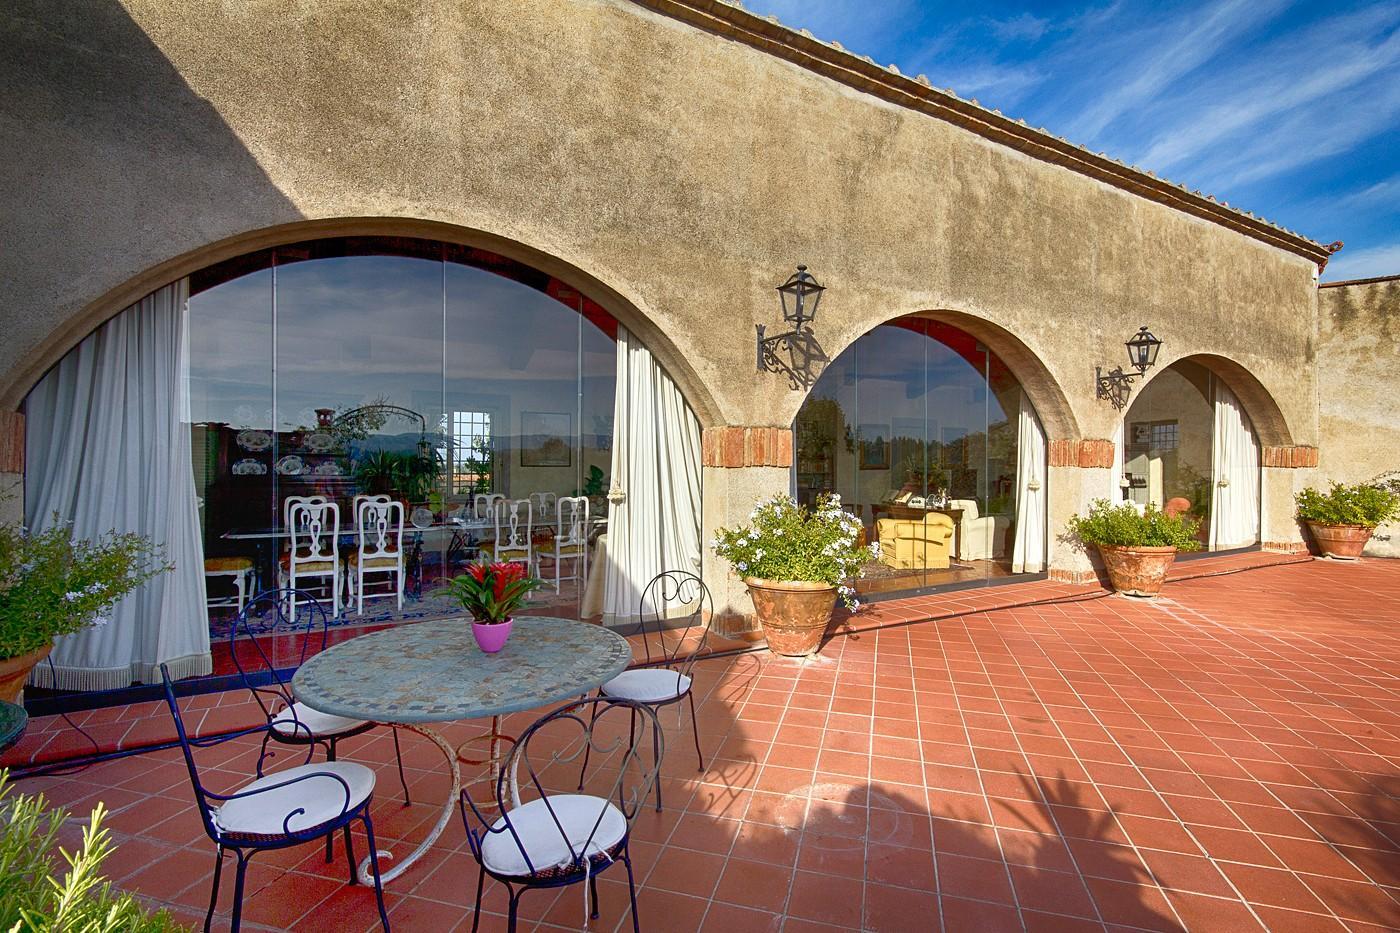 Villa singola in vendita - Cevoli, Casciana Terme Lari